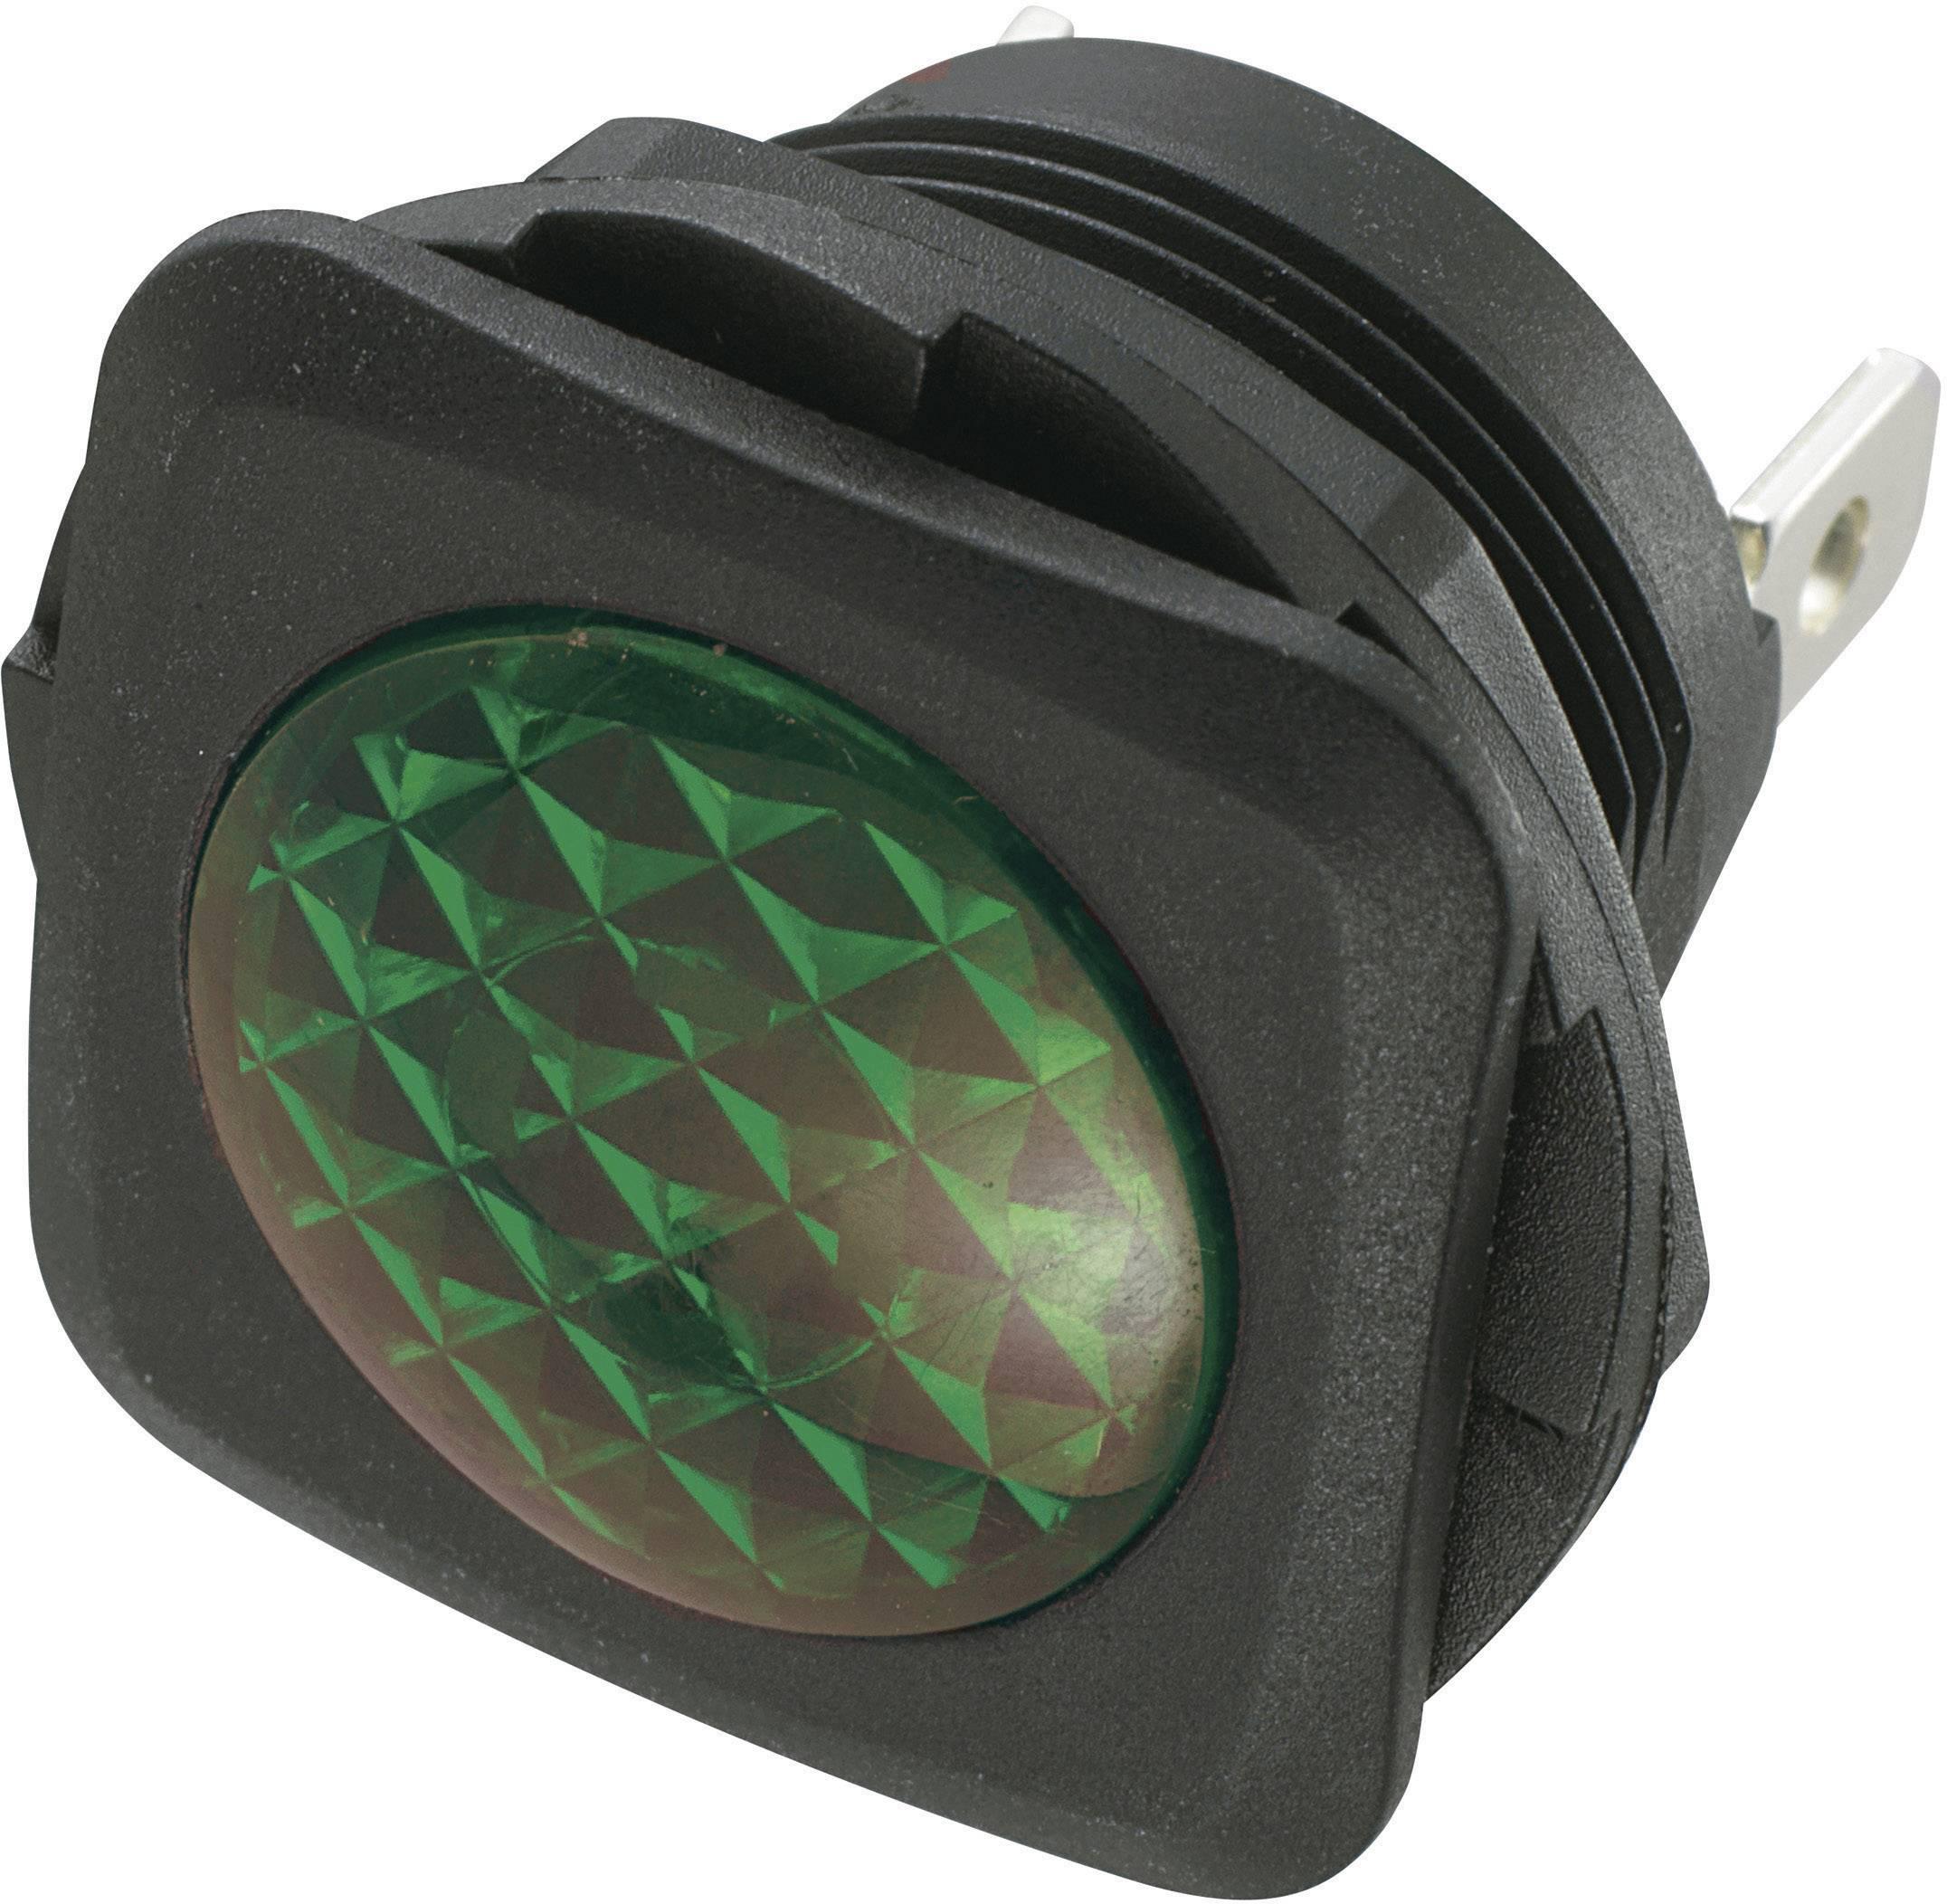 Miniaturní neonová signalizace SCI R9-95N (28430c936), Čtvercové, 230 V/AC, Polyamid6.6, zelená